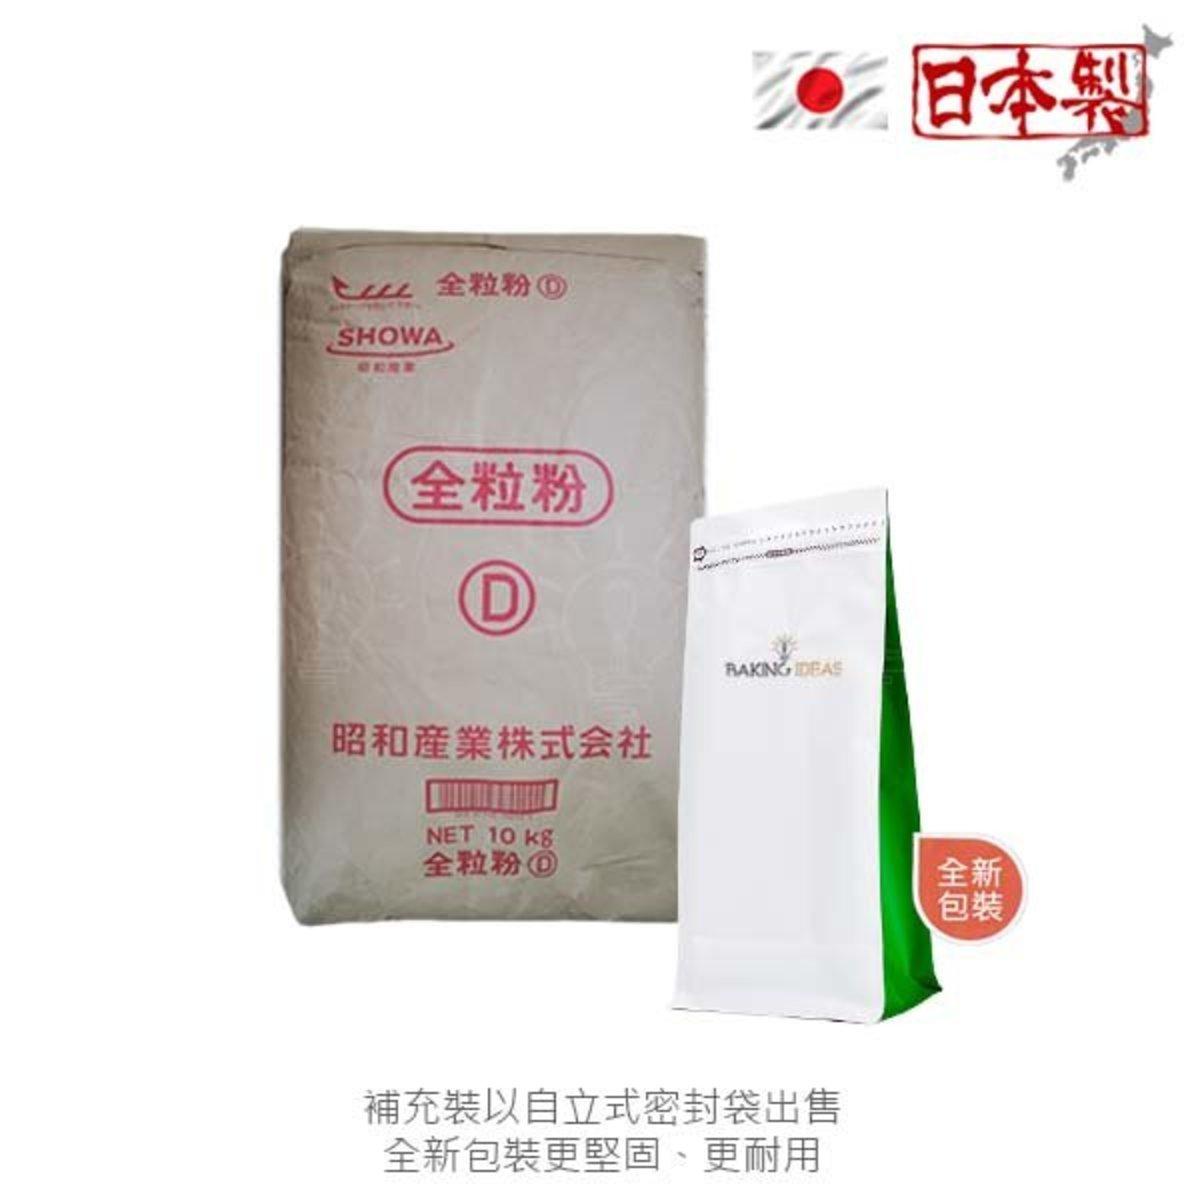 全麥麵粉 - 幼粒D - 1kg (補充裝)